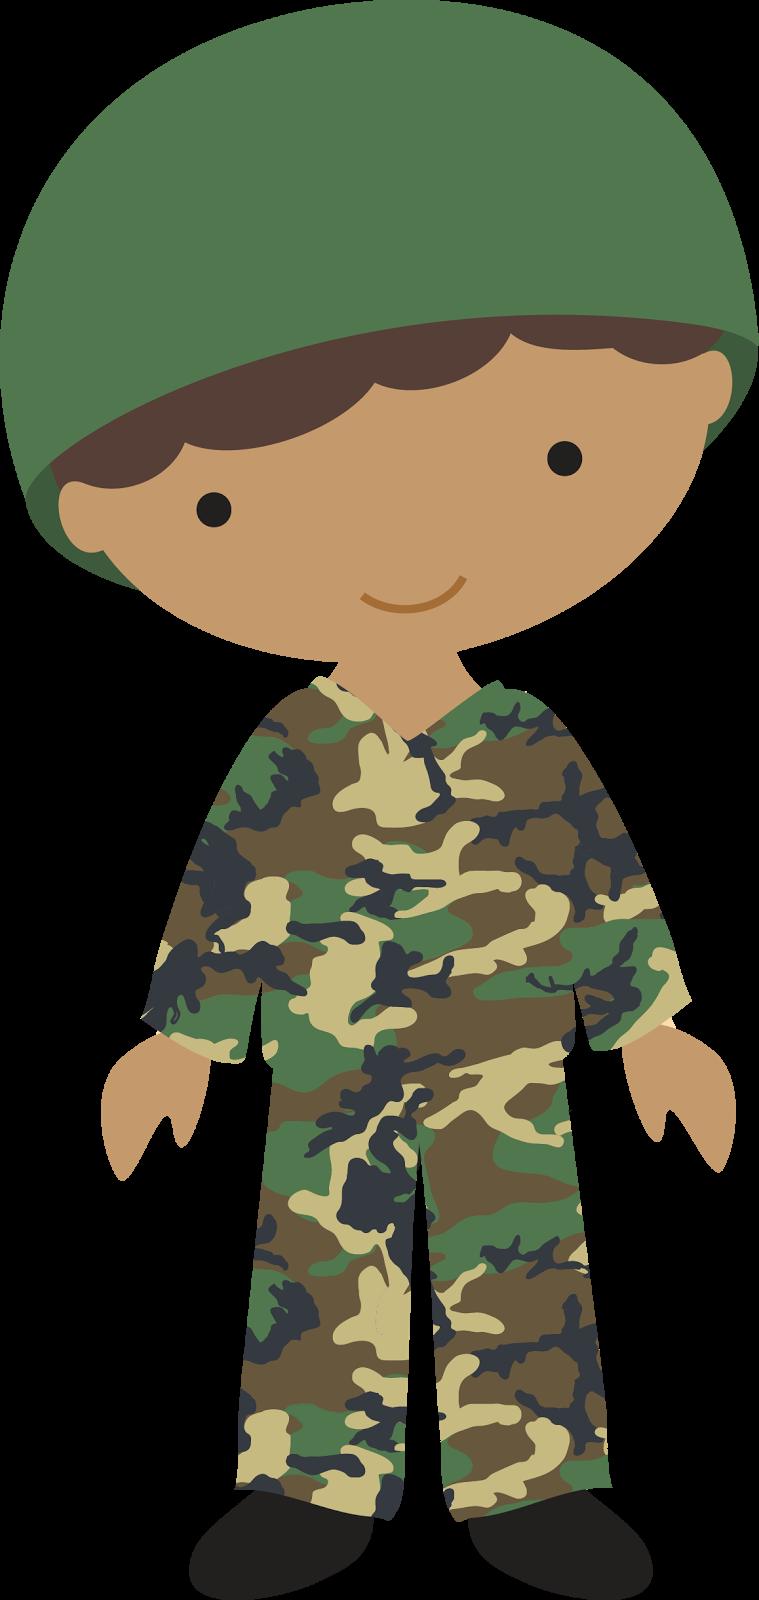 Imagenes De Disfraz Para Ninos Y Ninas on Military Page Borders